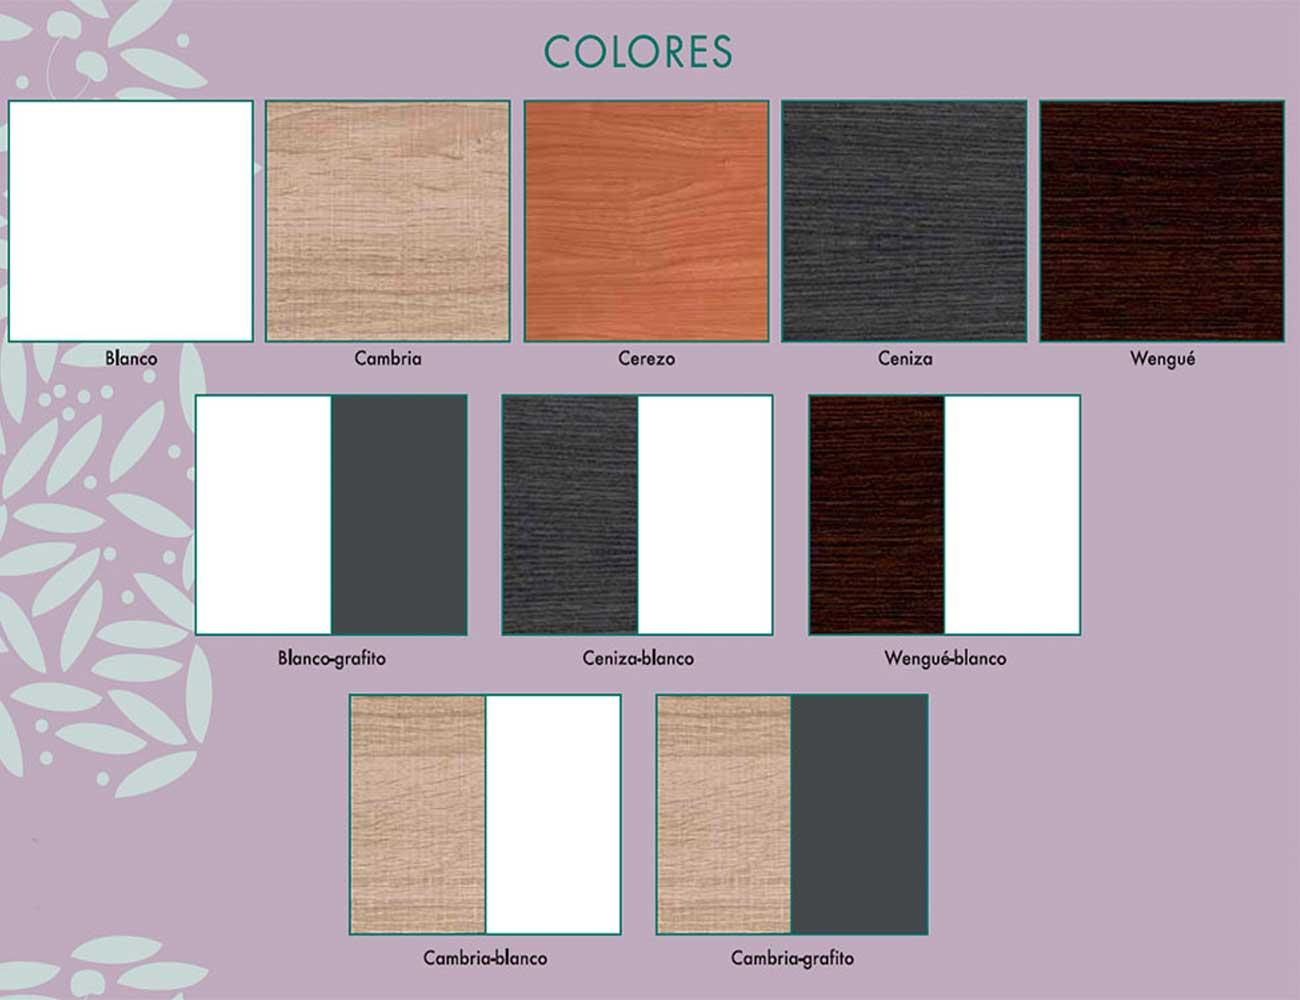 Salon colores5